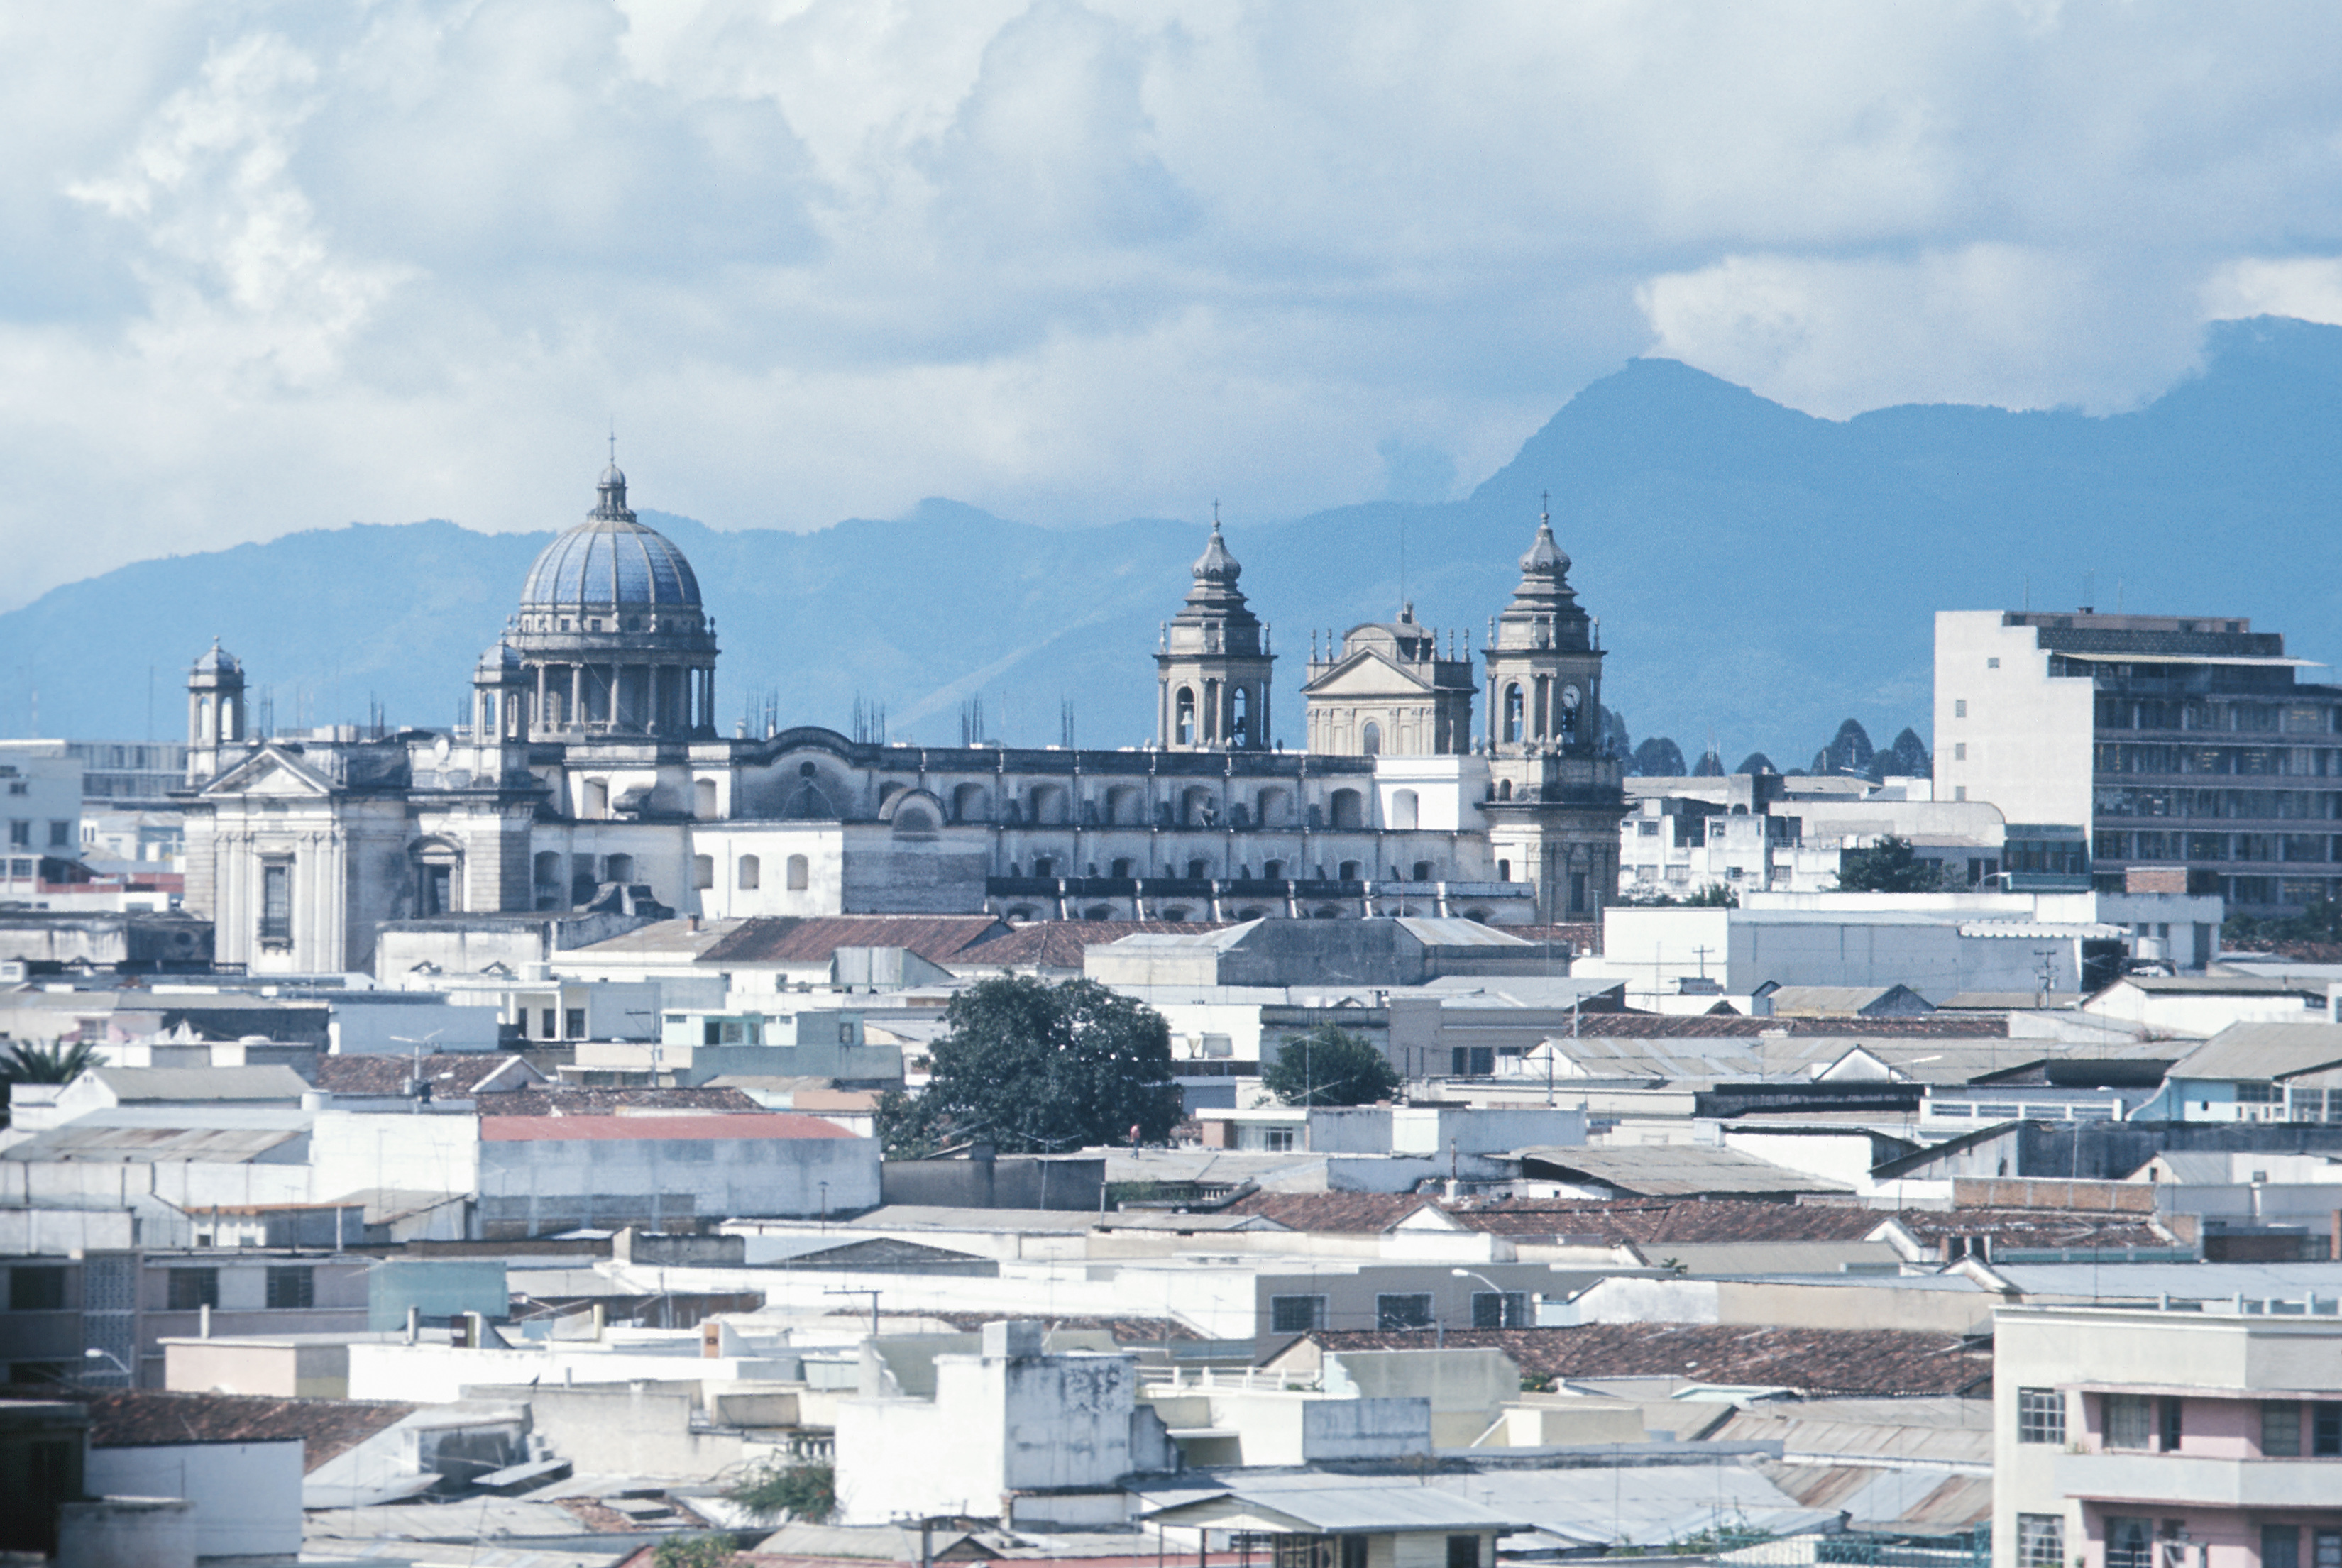 Downtown Guatemala City